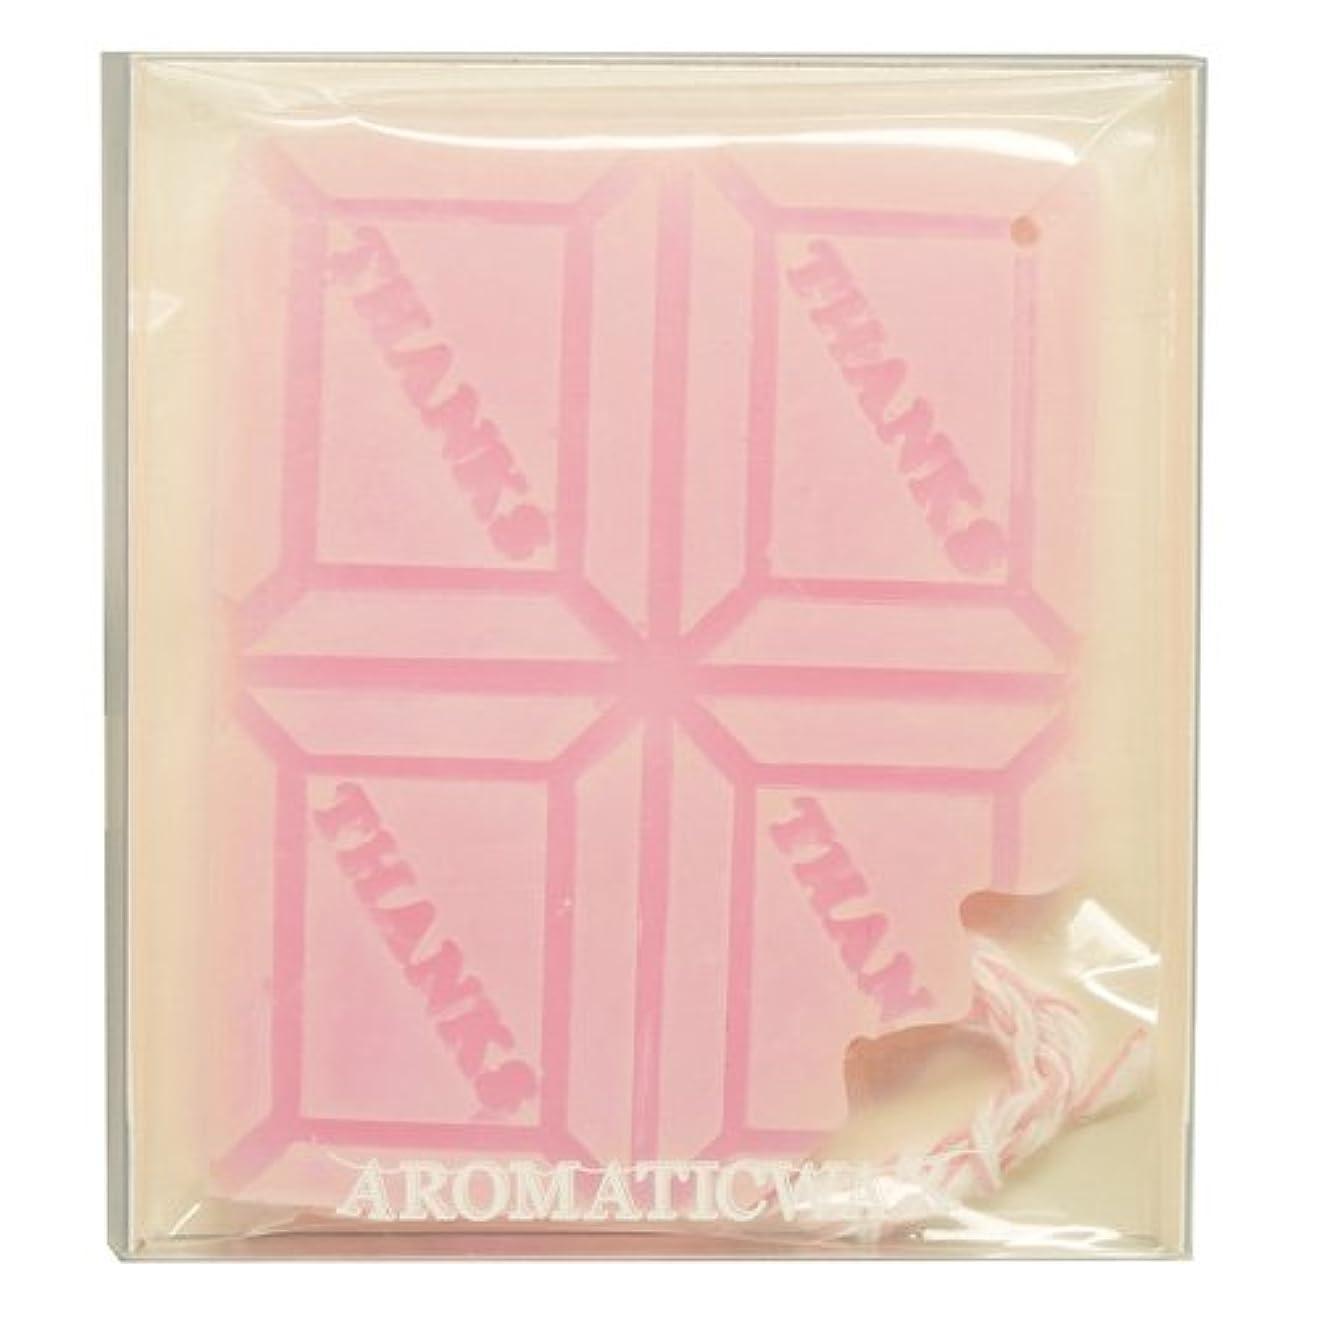 休暇項目アンテナGRASSE TOKYO AROMATICWAXチャーム「板チョコ(THANKS)」(PI) ゼラニウム アロマティックワックス グラーストウキョウ